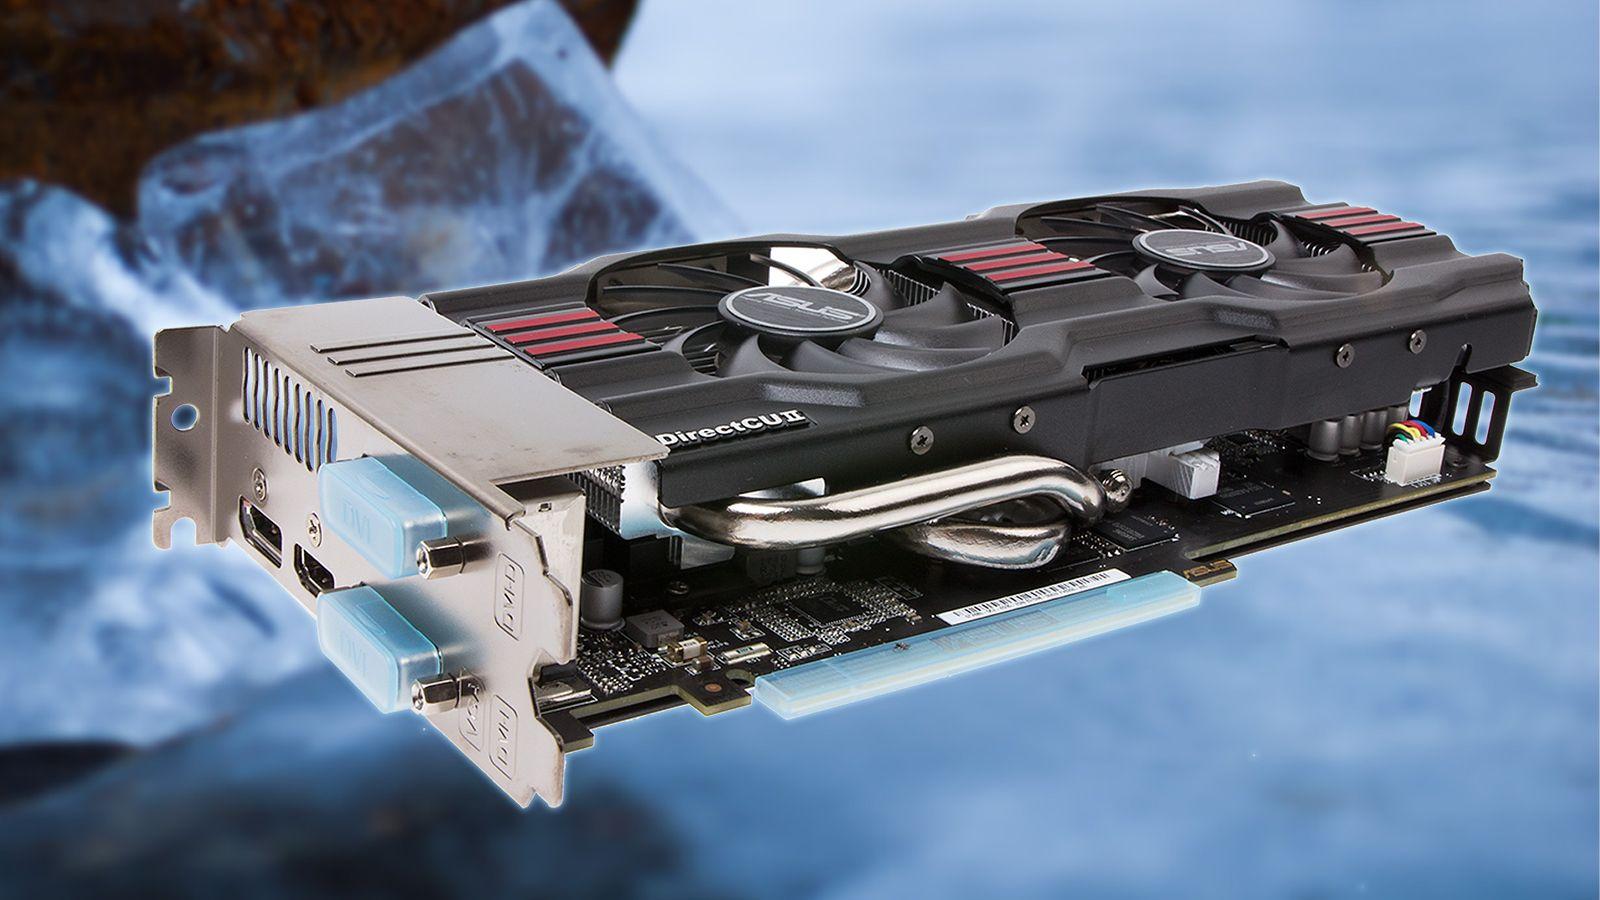 Asus GeForce GTX 680 DirectCU II 4GB